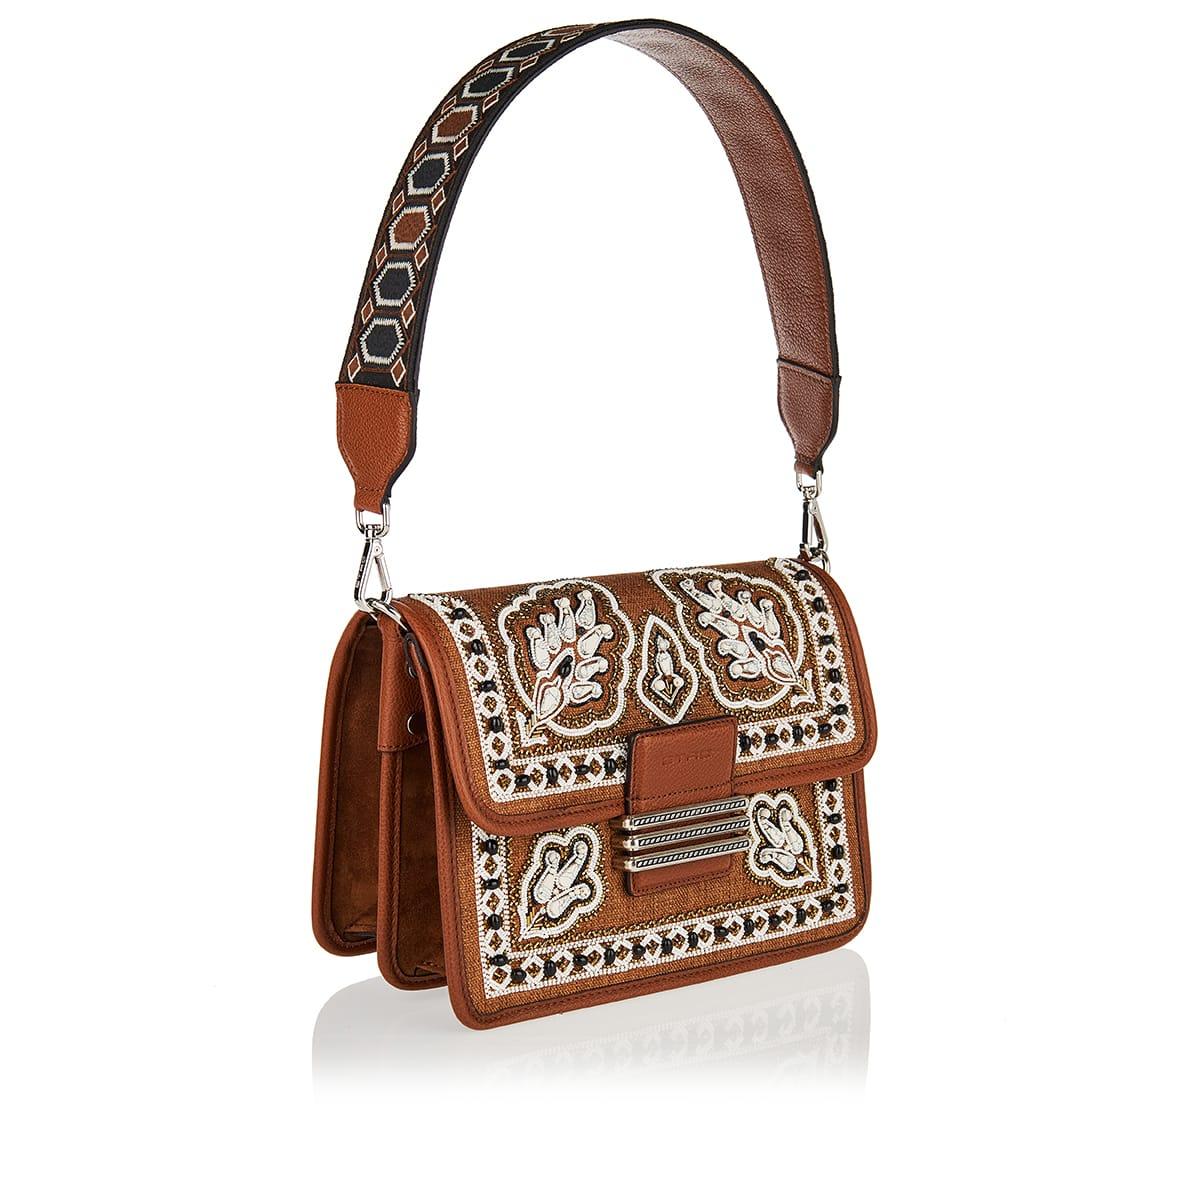 Rainbow embellished shoulder bag